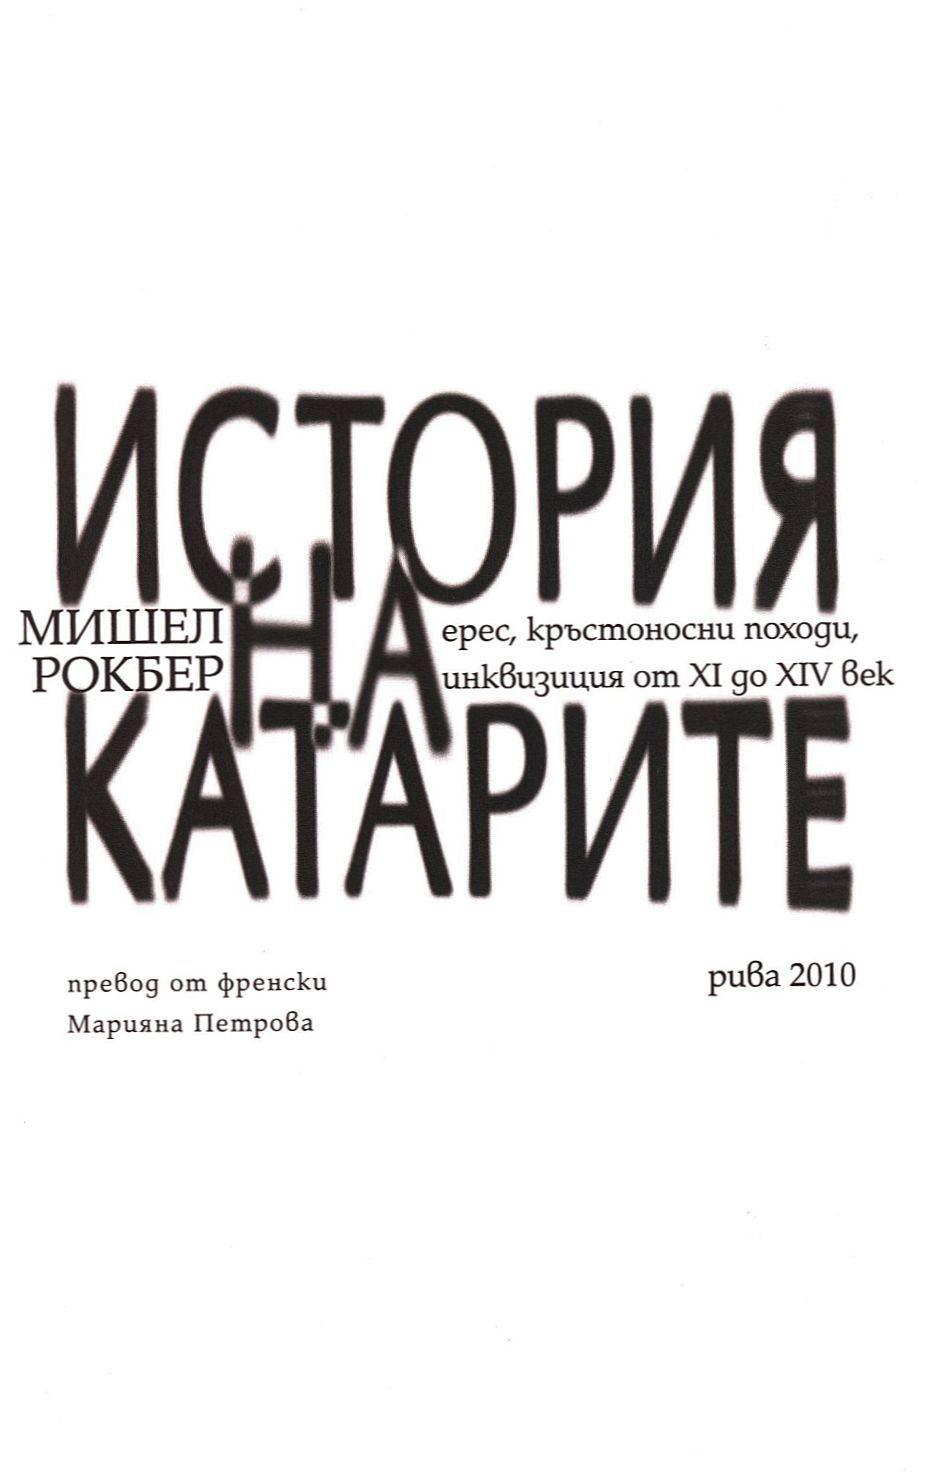 istorija-na-katarite-1 - 2